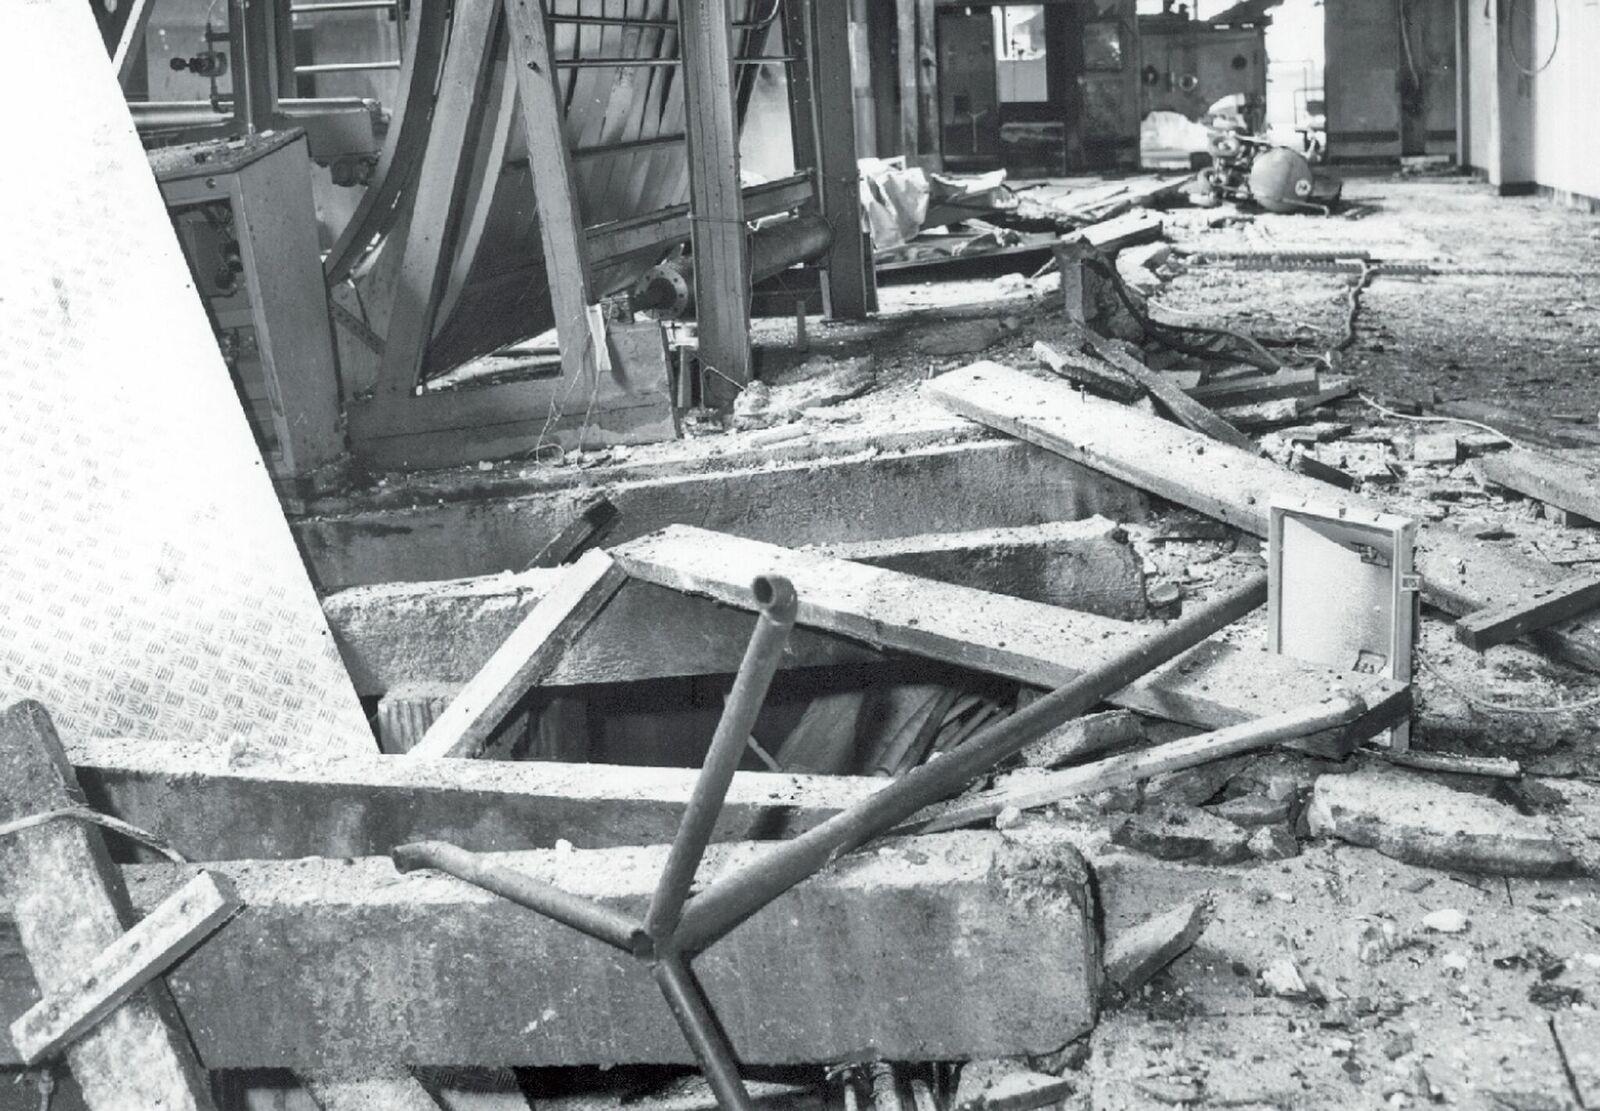 Selbst dicke Betonböden wurden durch die Wucht emporgehoben.